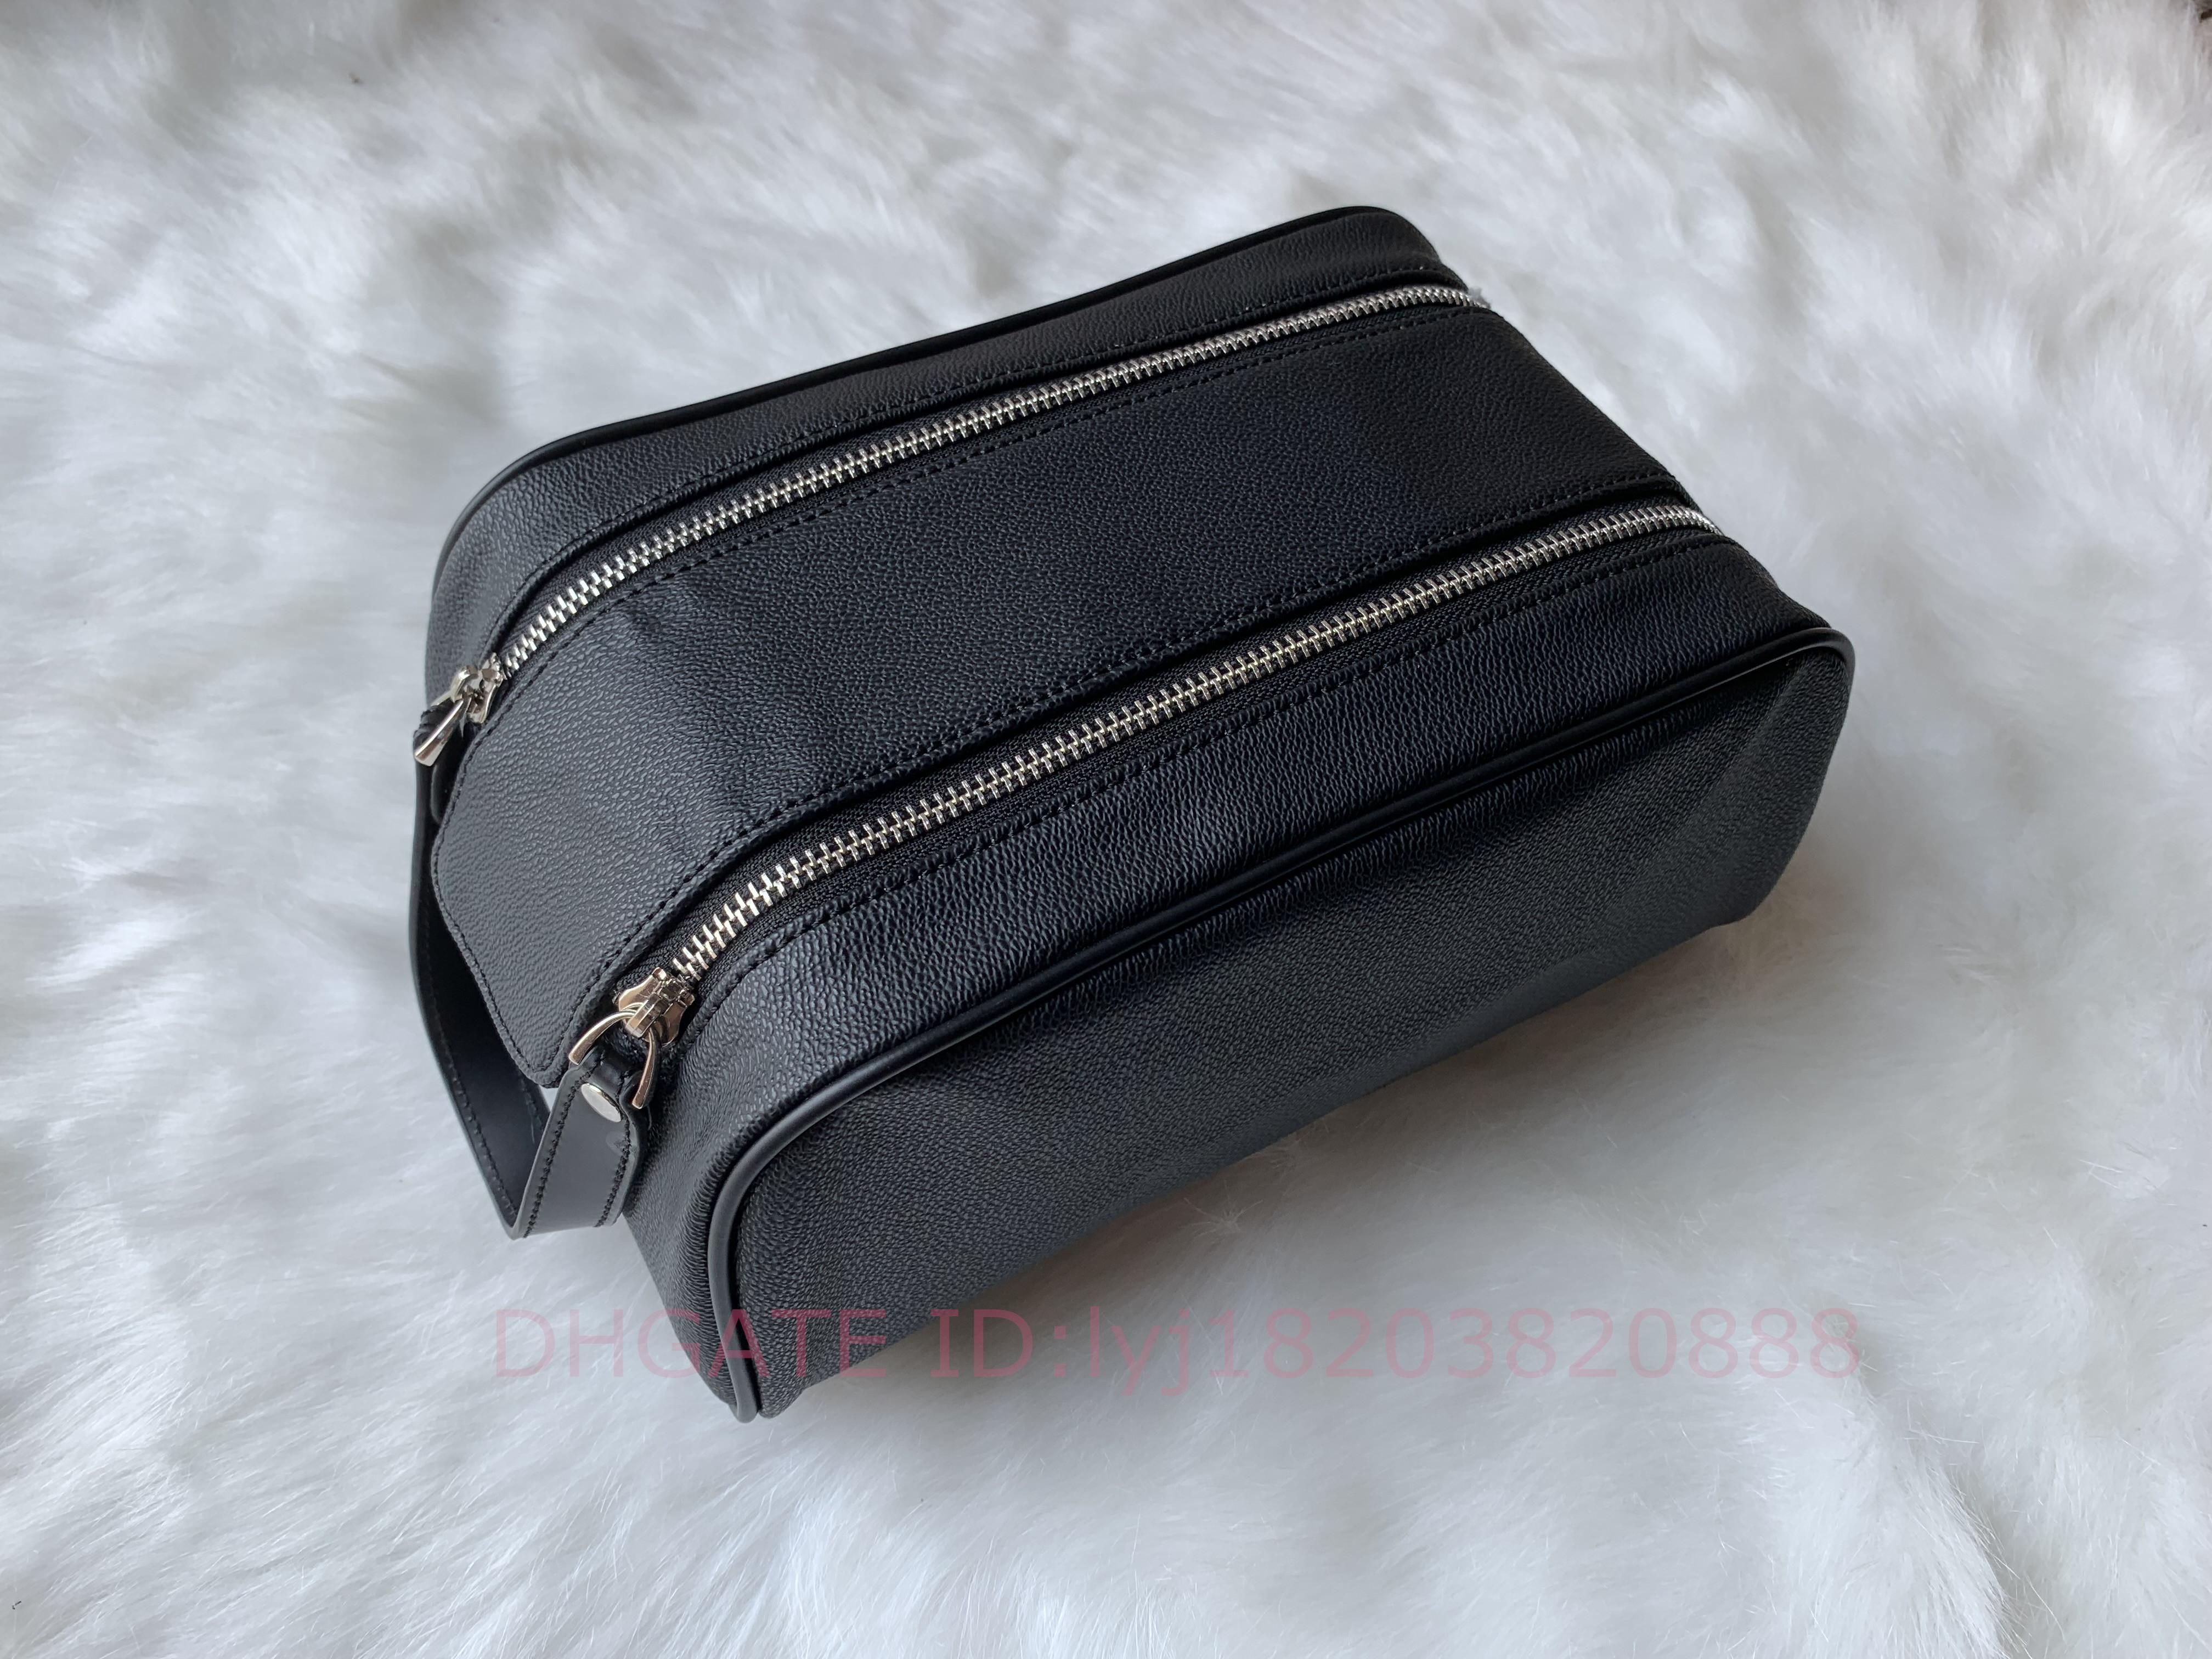 2020c макияж сумка косметическая мытье путешествия туалетные сумки сумки женские женщины сумка известные косметики дизайнеры туалетные сумки роскошный мешок DDVSP